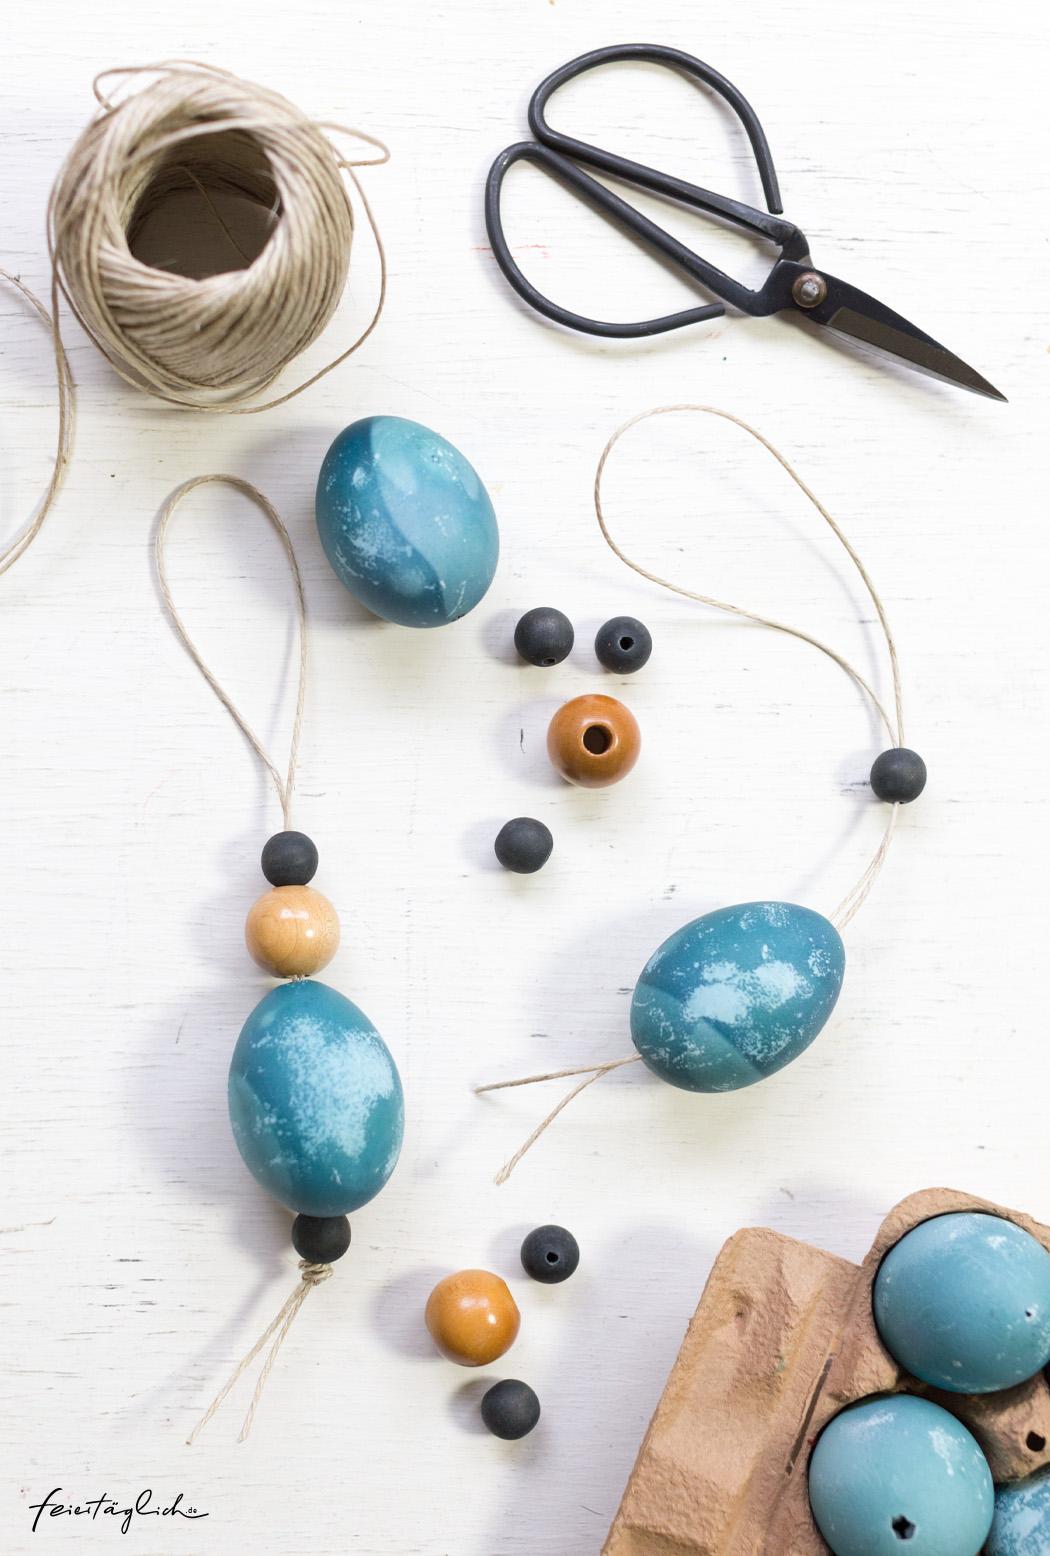 Osterdekoration in Blau, Osterstrauss, Anhänger selbstgemacht aus ausgeblasenen Eiern, Naturmaterialien